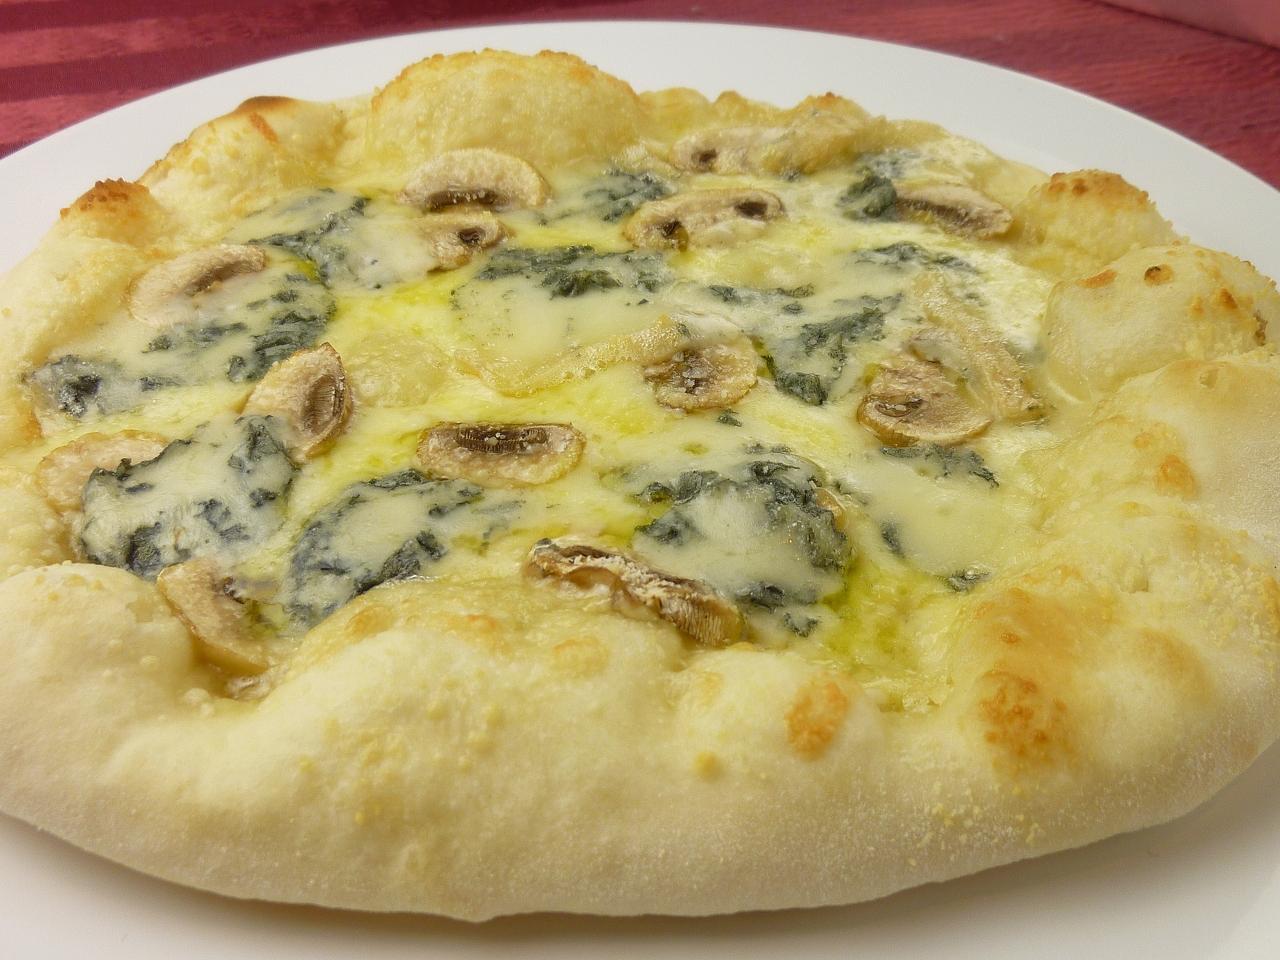 ゴルゴンゾーラときのこのピザ